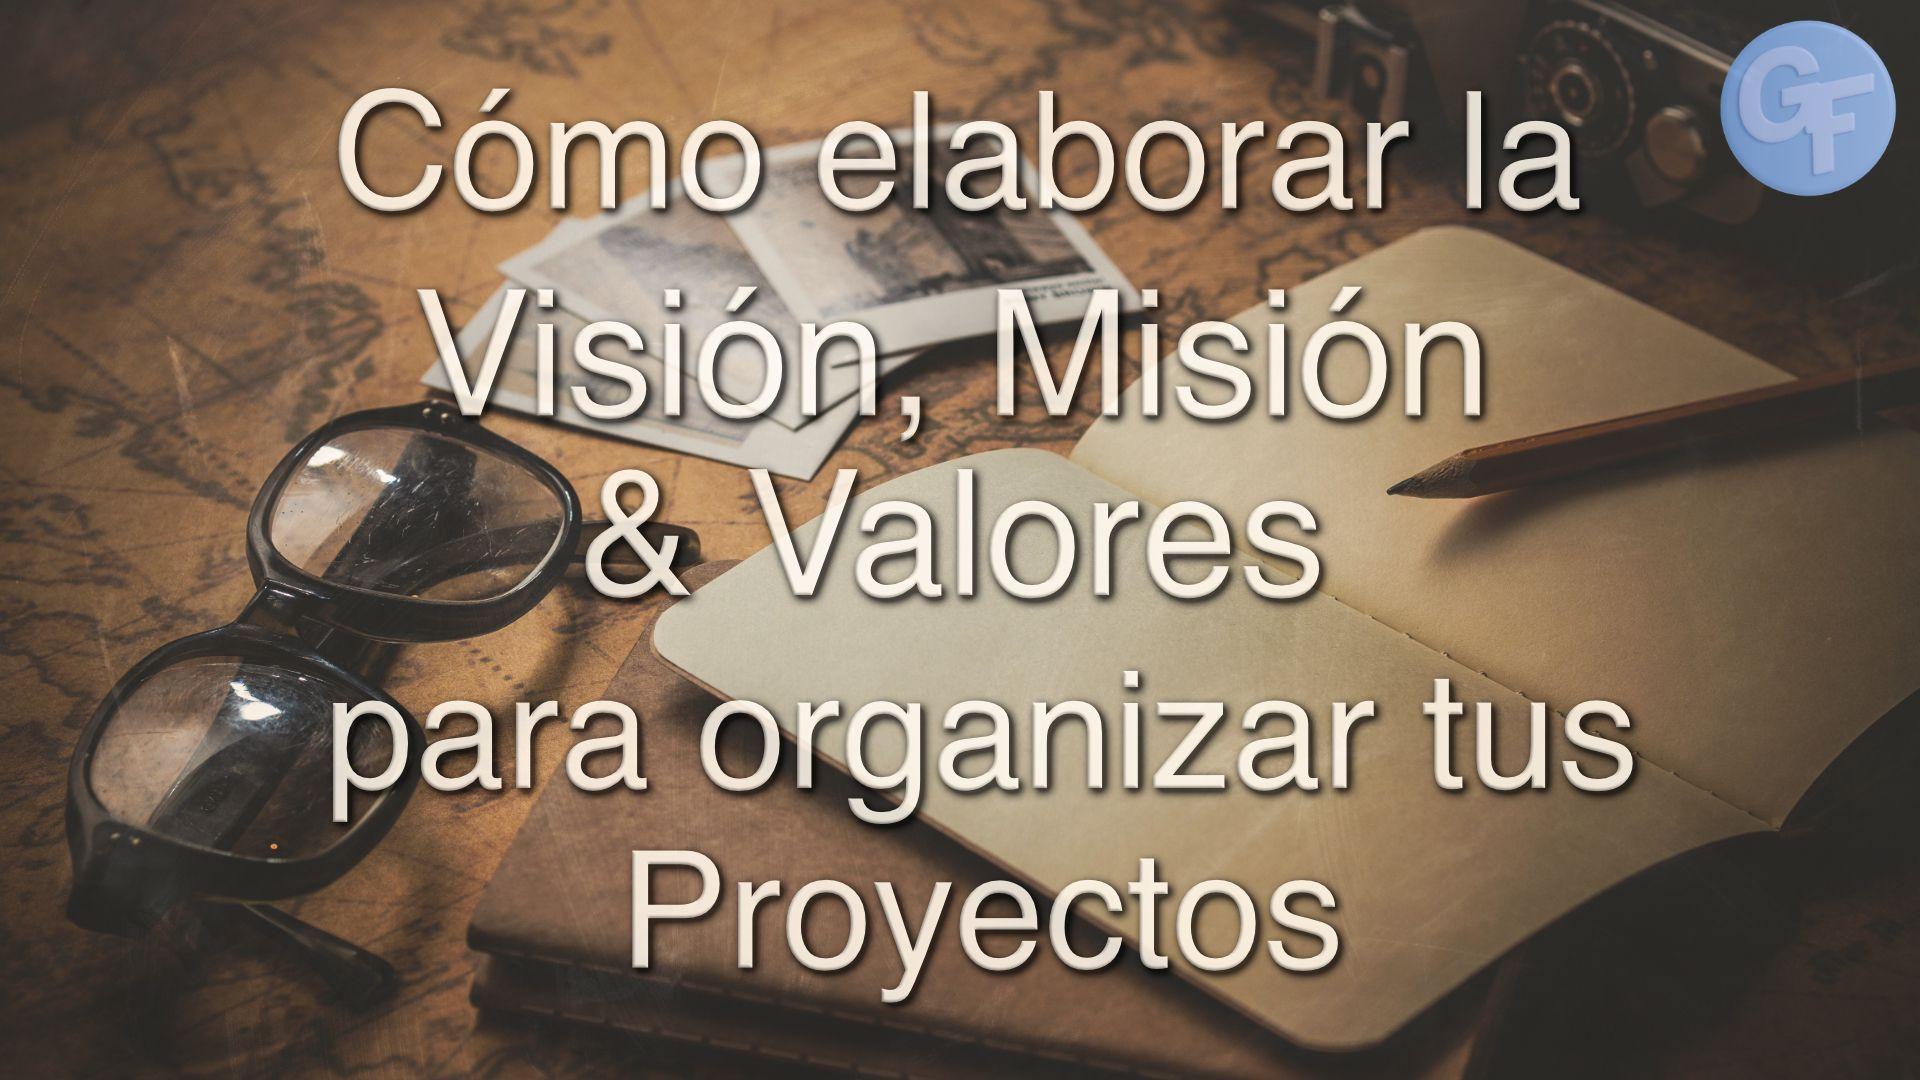 Cómo elaborar la Visión, Misión y Valores para organizar tus proyectos